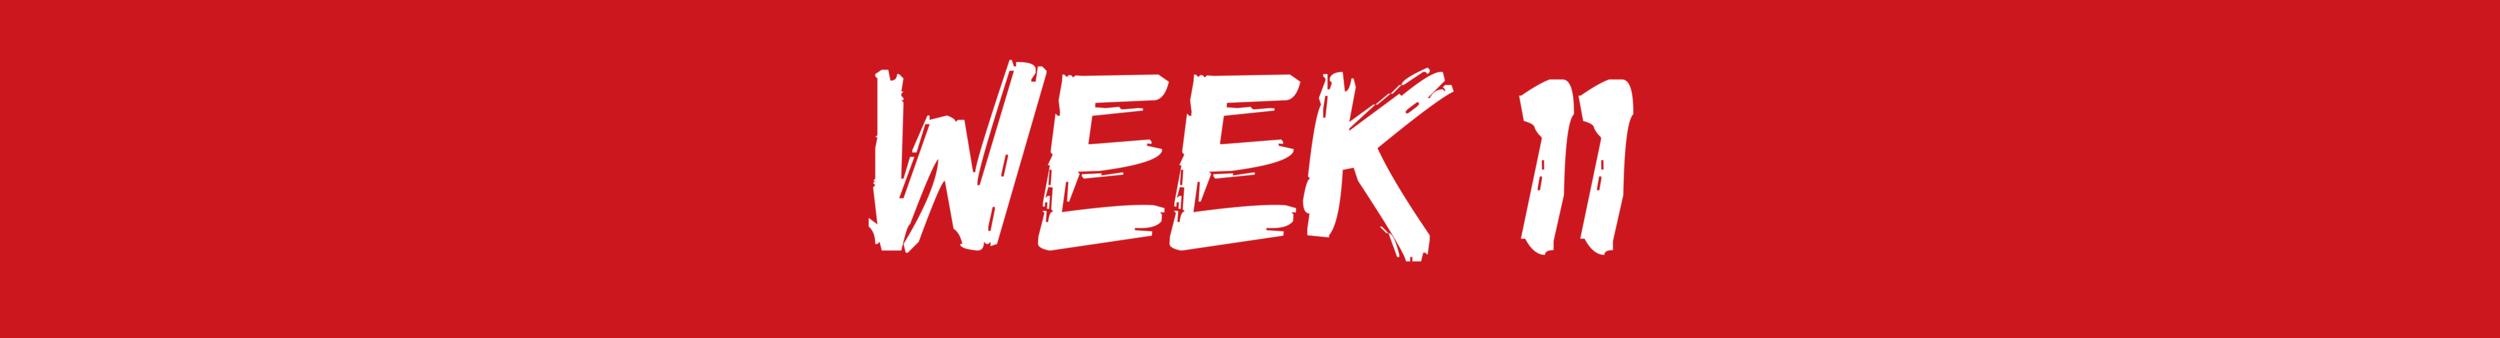 LCA4R week 11.png